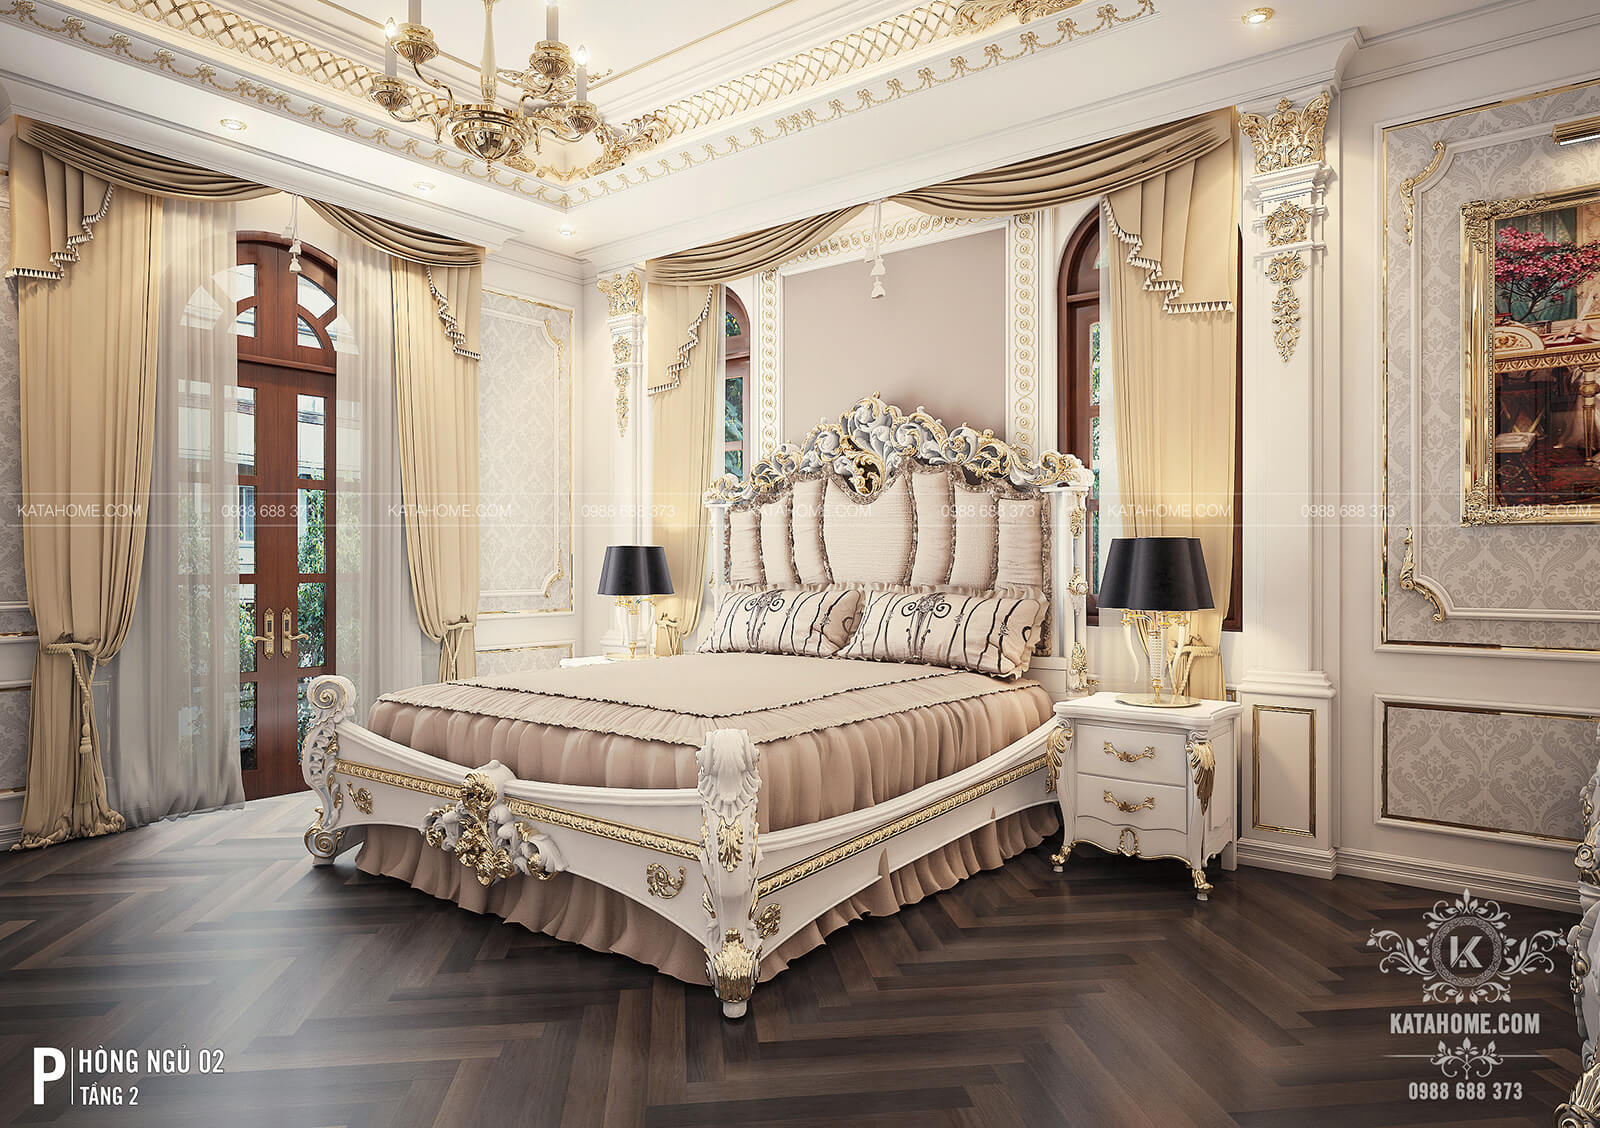 Nội thất phòng ngủ tầng 2 của mẫu biệt thự tân cổ điển đẹp 2 trệt 1 lầu tại Thành phố Hồ Chí Minh